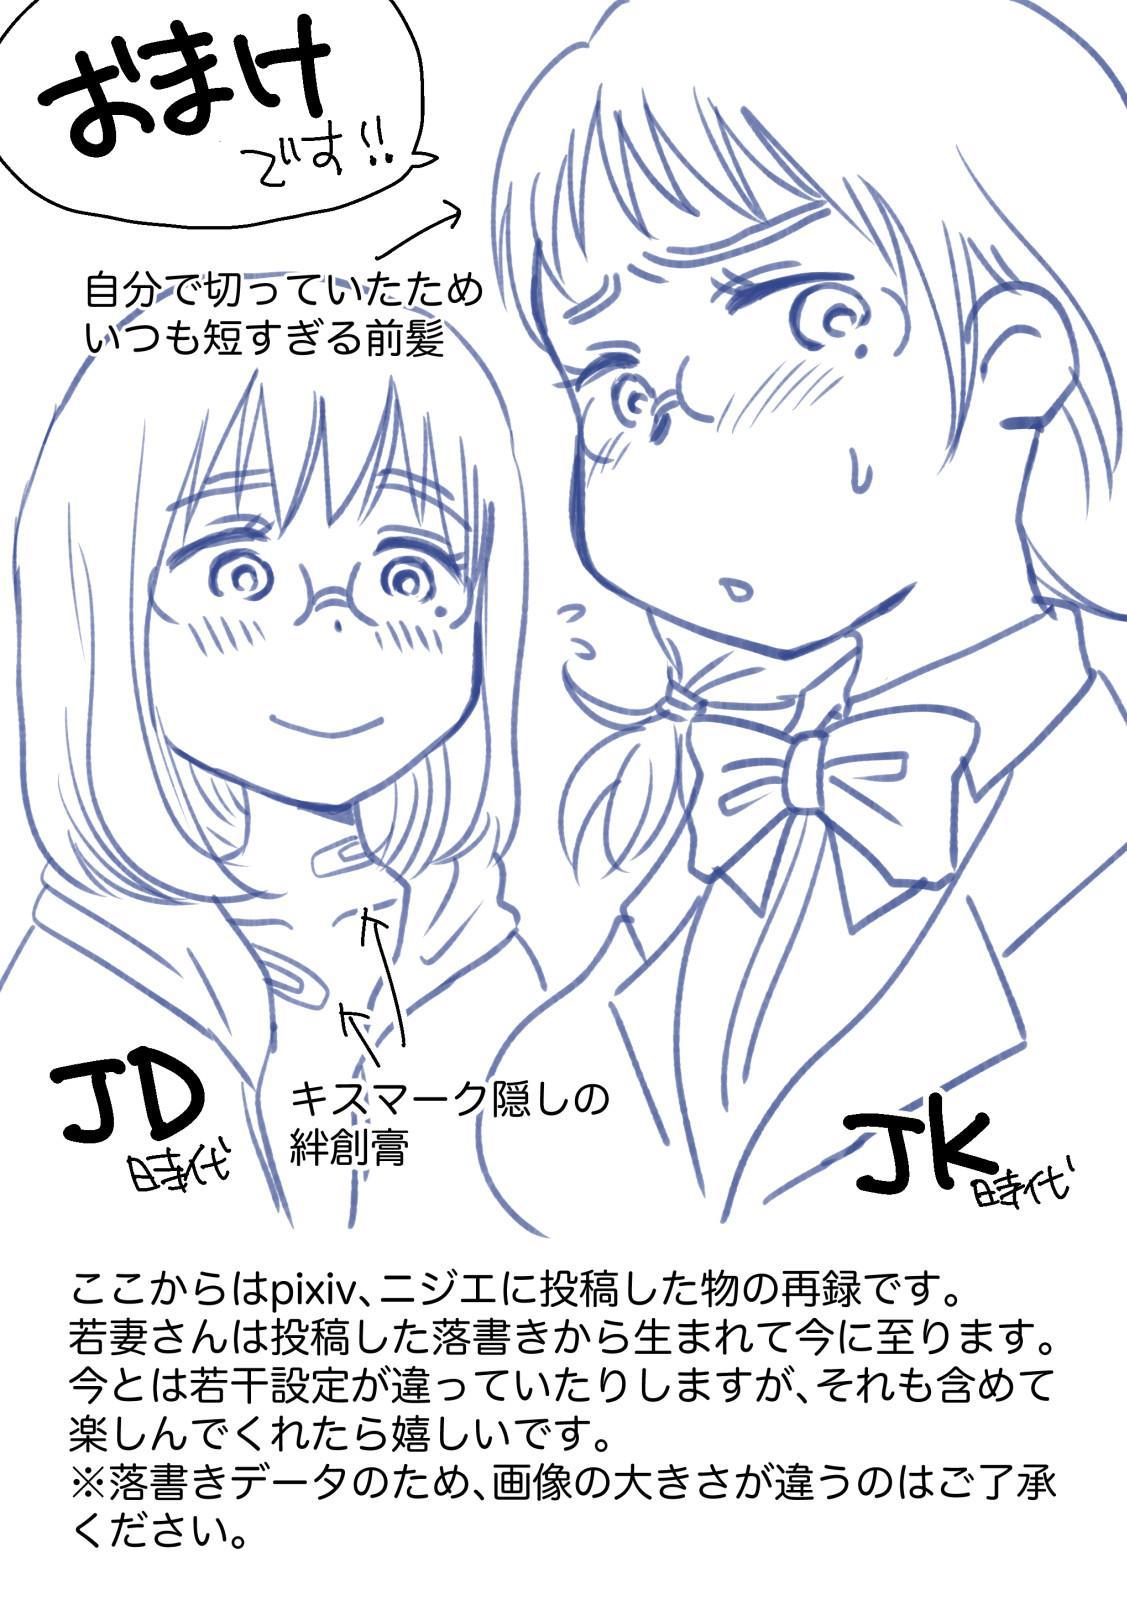 [Megitsune Works] Wakazuma-san wa Yokkyuu Fuman! Akogare no Shisho no Wakazuma-san ga Gakusei Beit no Boku no Fudeoroshi o Shite kuremashita. 65